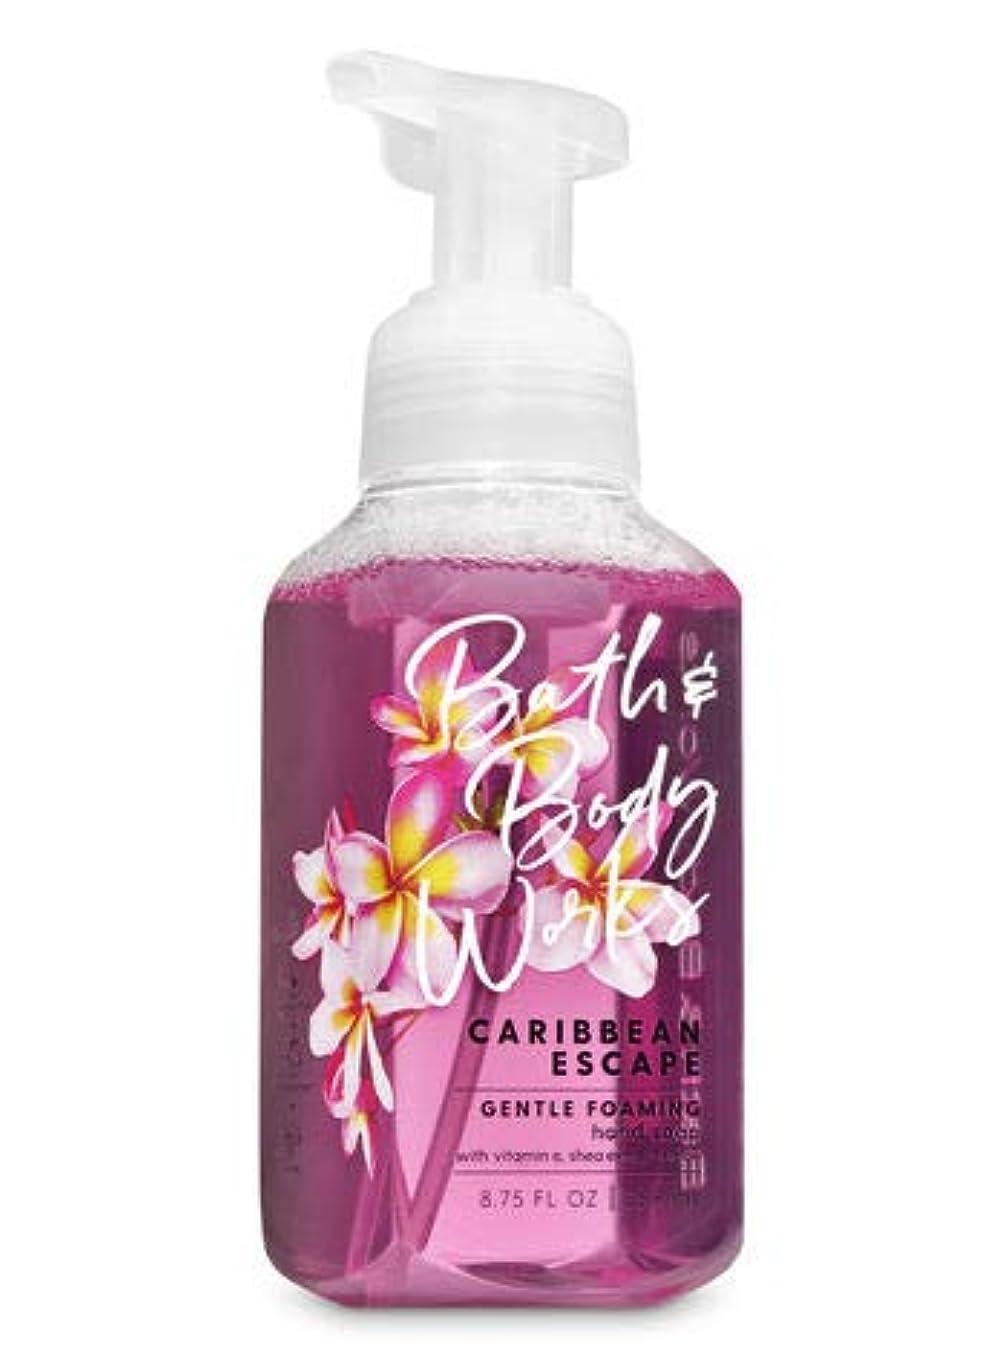 測定可能否定するバス&ボディワークス カリビアン エスケープ ジェントル フォーミング ハンドソープ Caribbean Escape Gentle Foaming Hand Soap